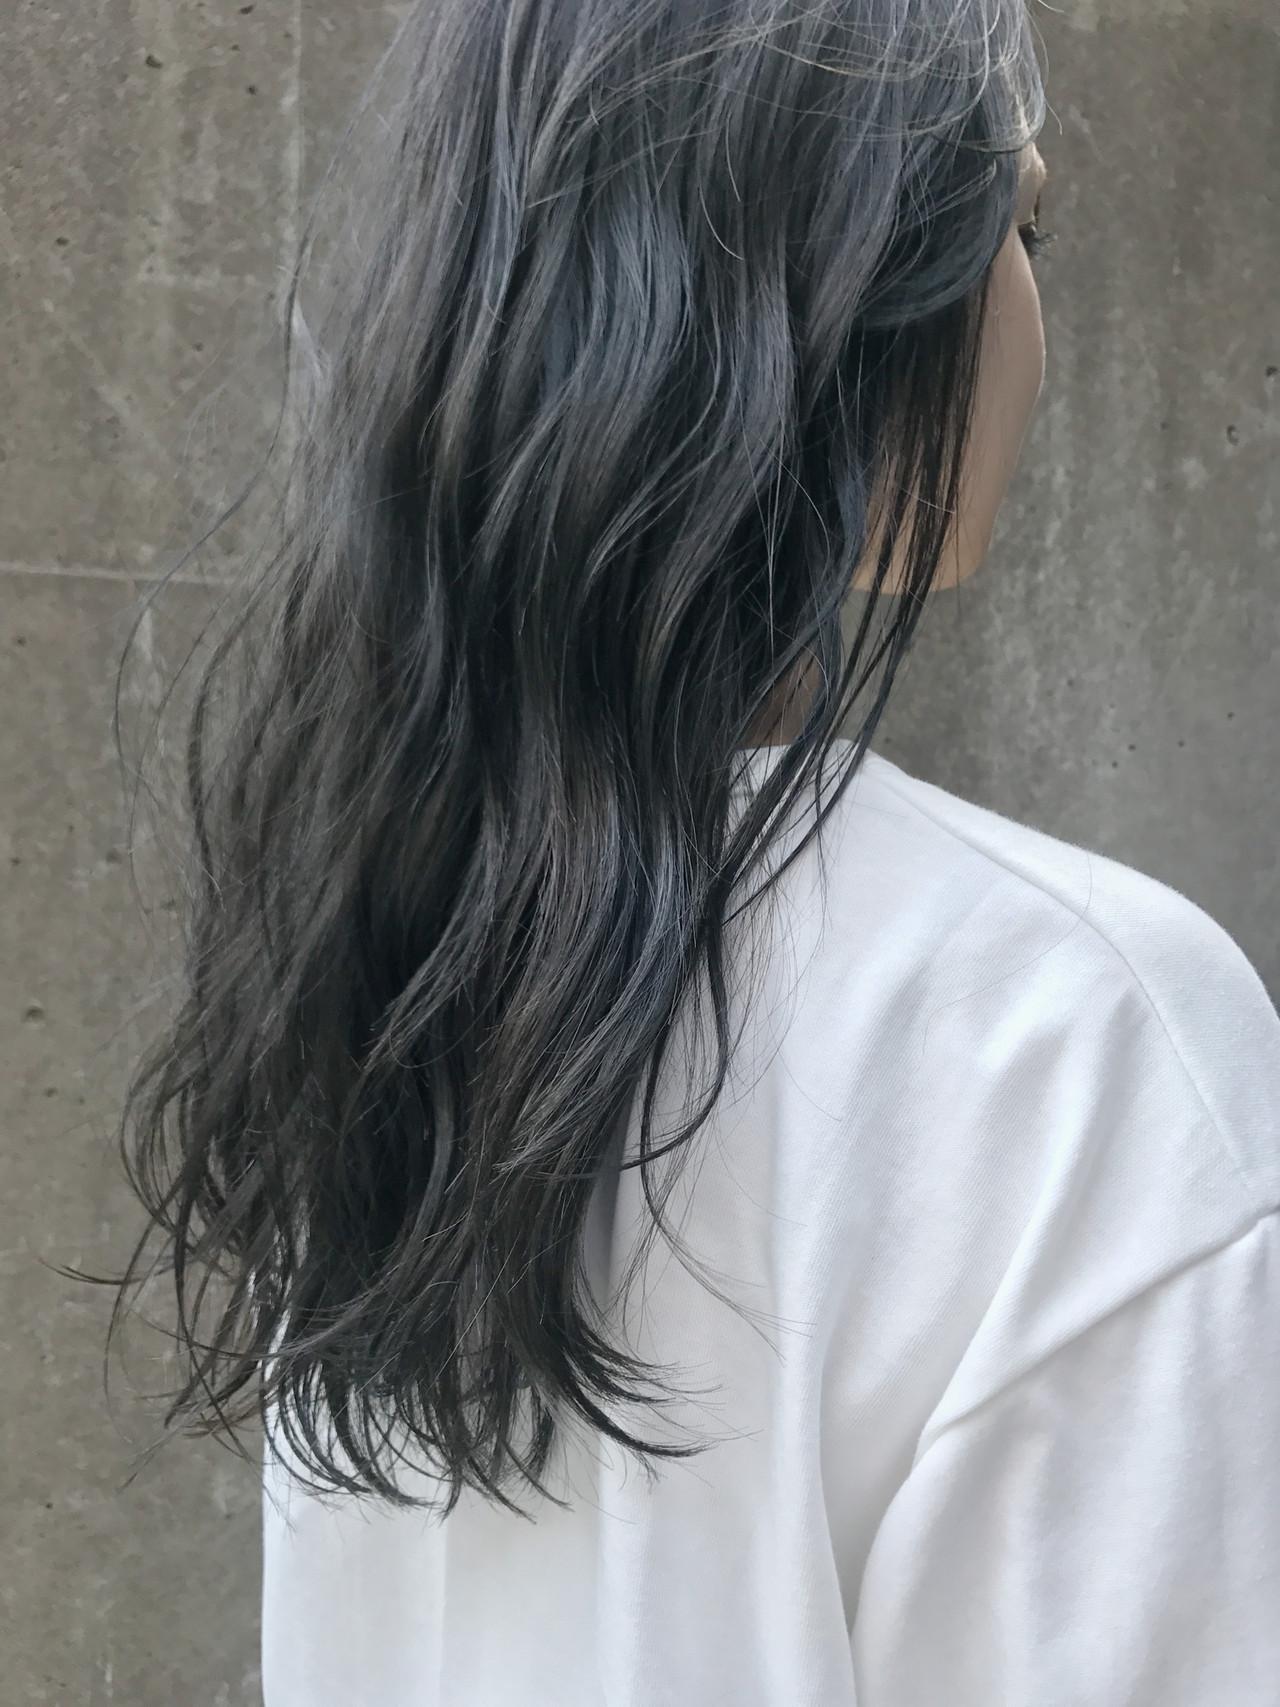 セミロング ブルーアッシュ グレー アッシュ ヘアスタイルや髪型の写真・画像   内山 俊平【C・crew】 / C・crew